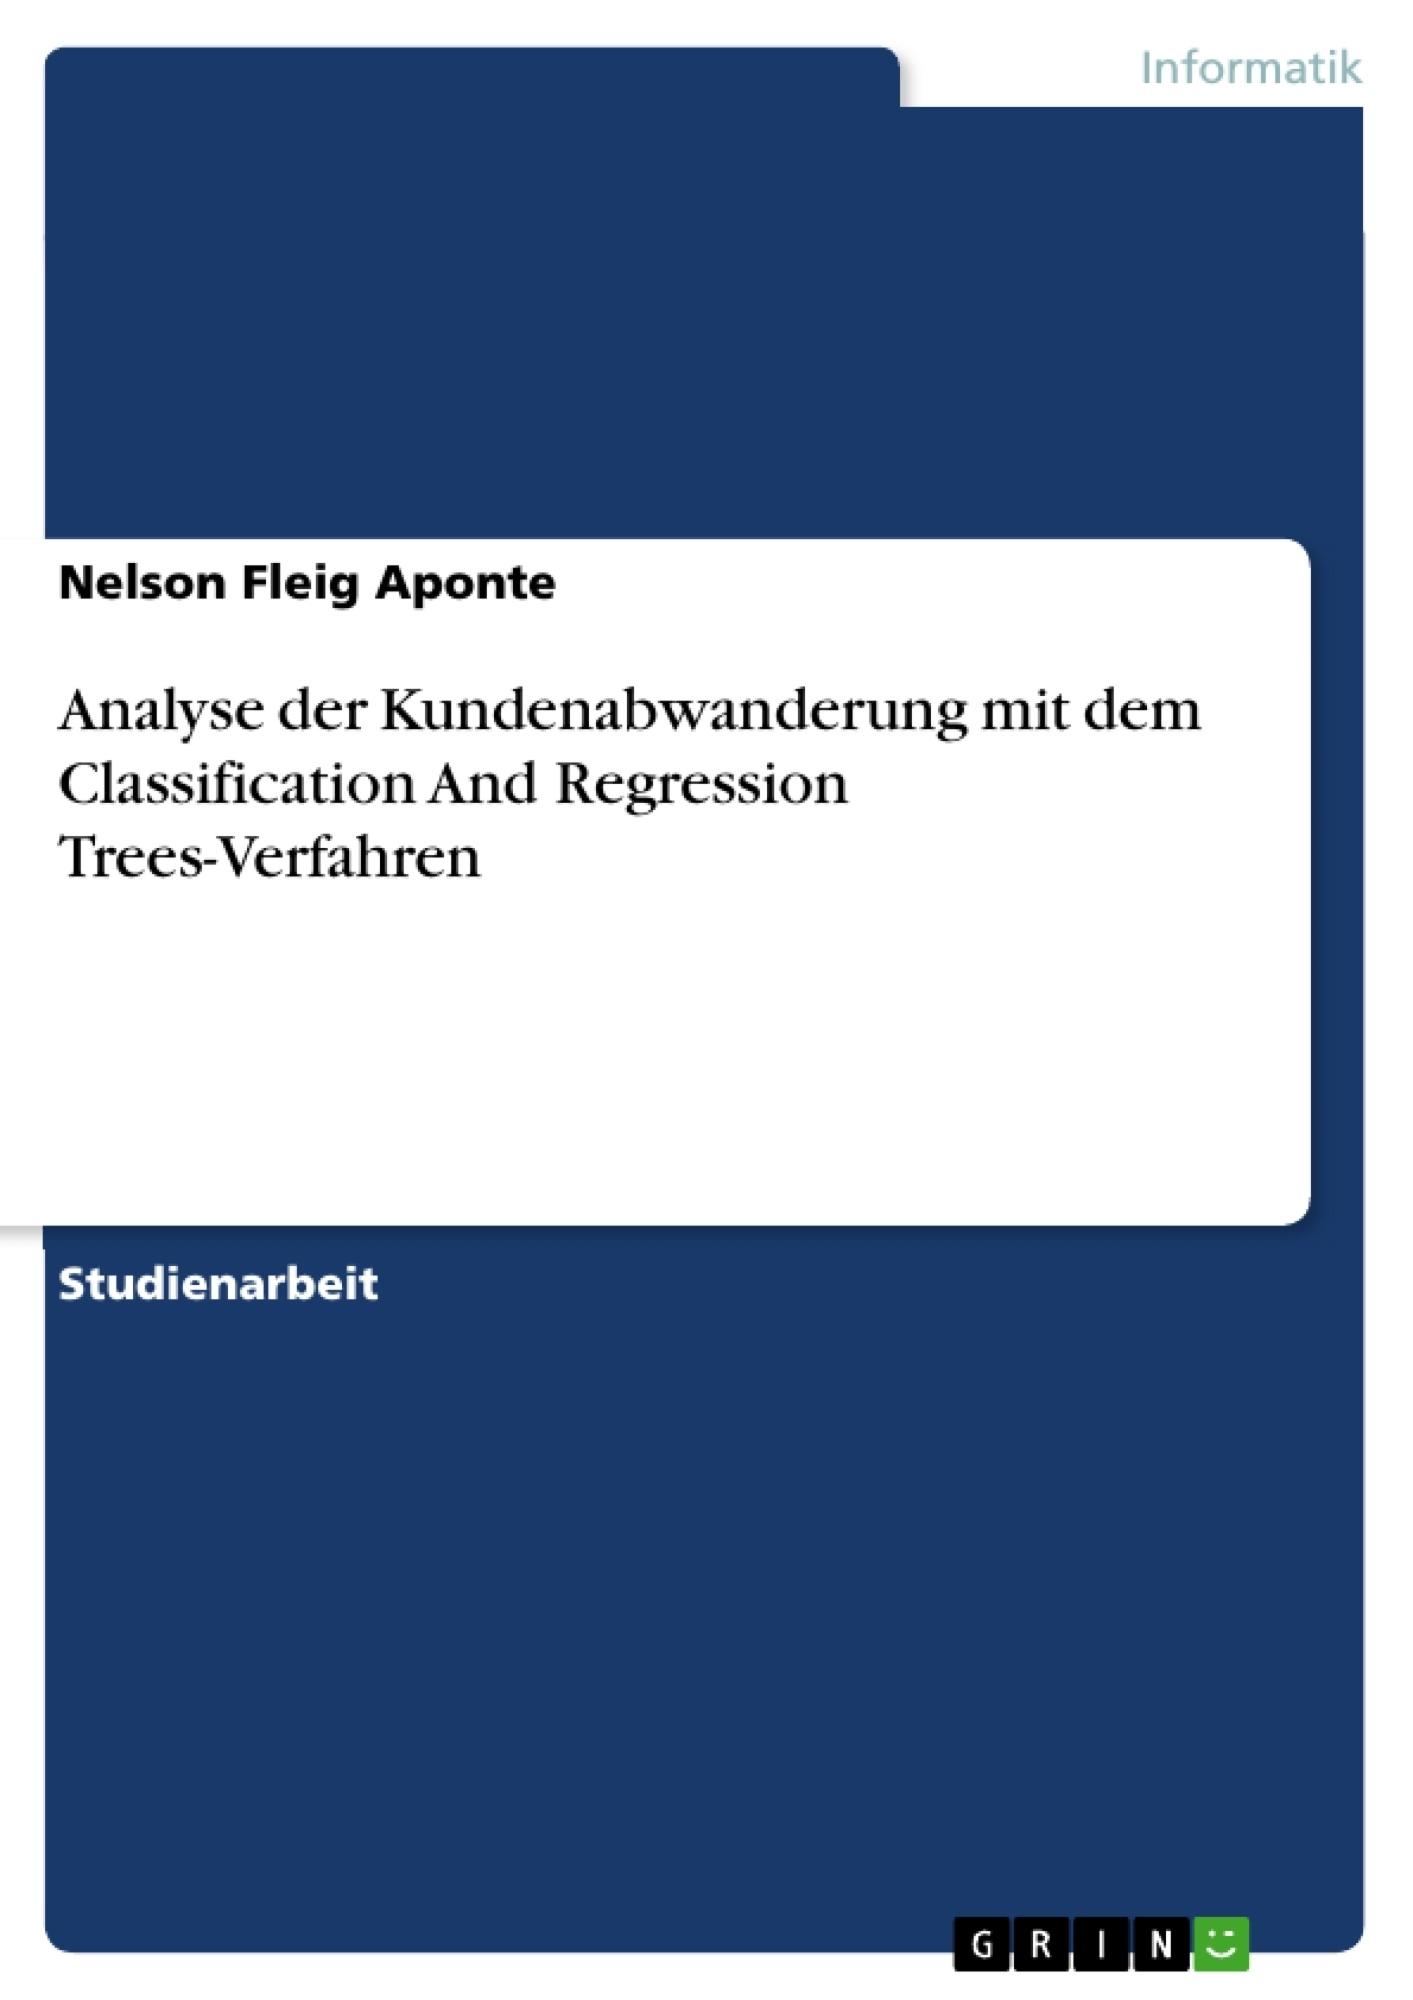 Titel: Analyse der Kundenabwanderung mit dem Classification And Regression Trees-Verfahren